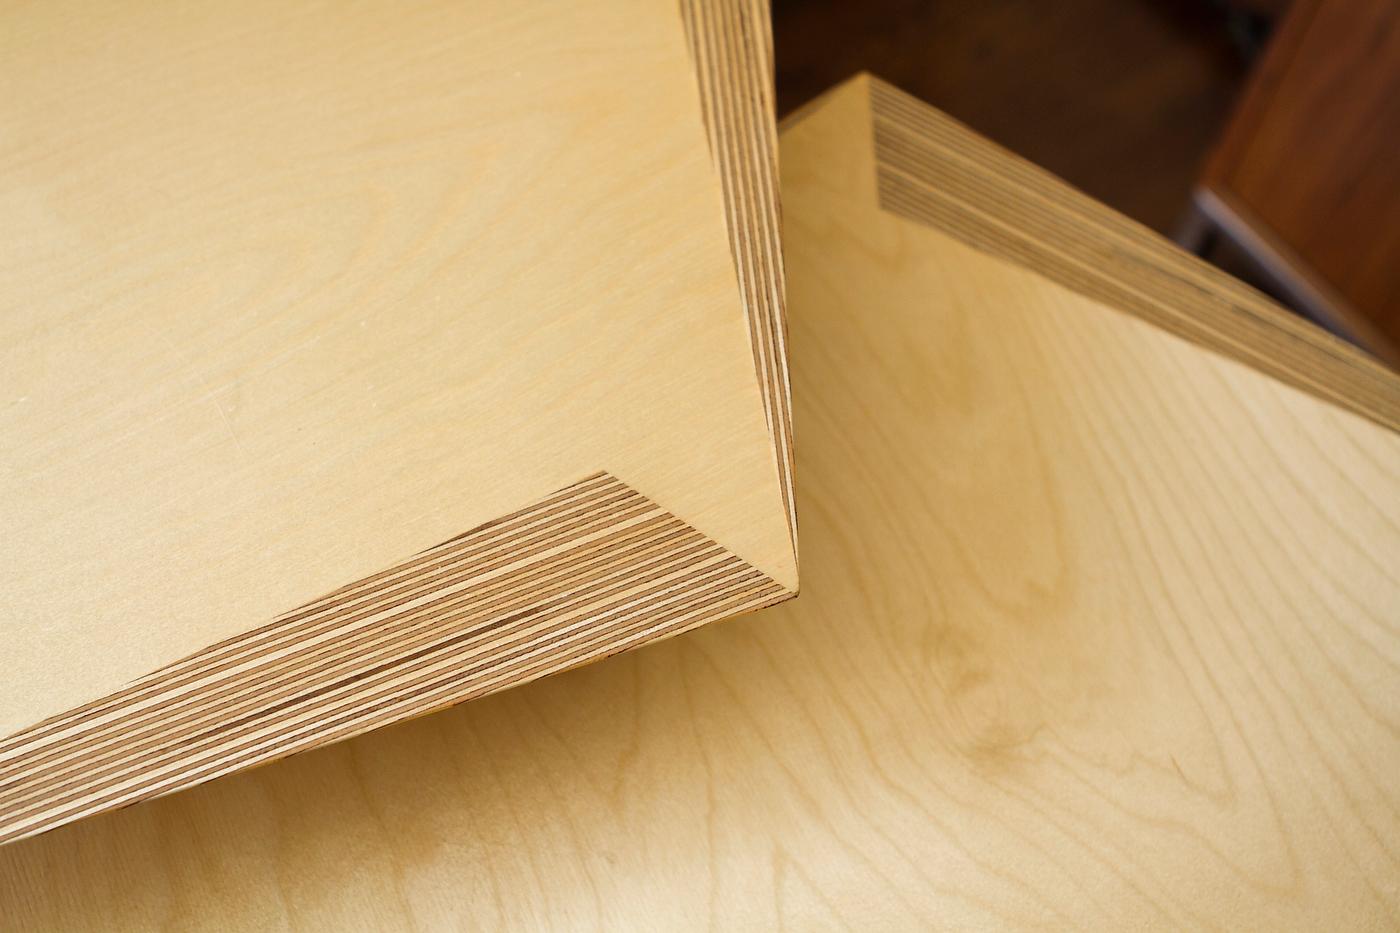 furniture-chair-table-01.jpg